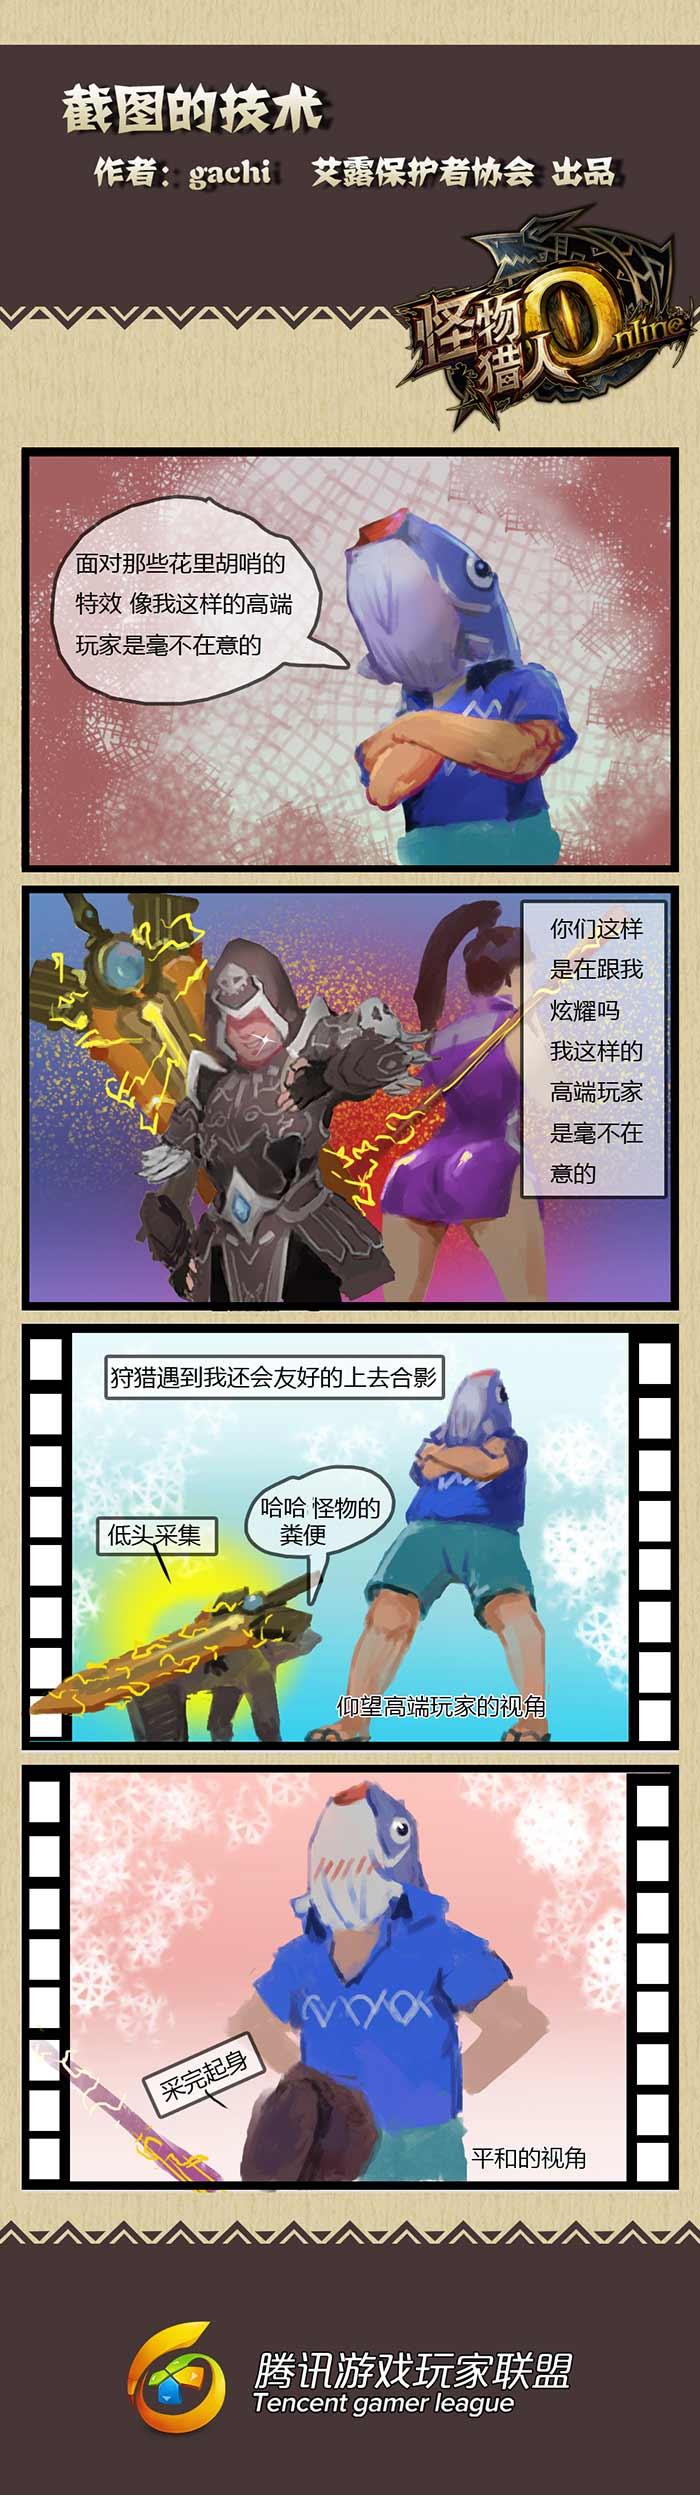 截图的艺术 怪物猎人OL玩家原创四格漫画